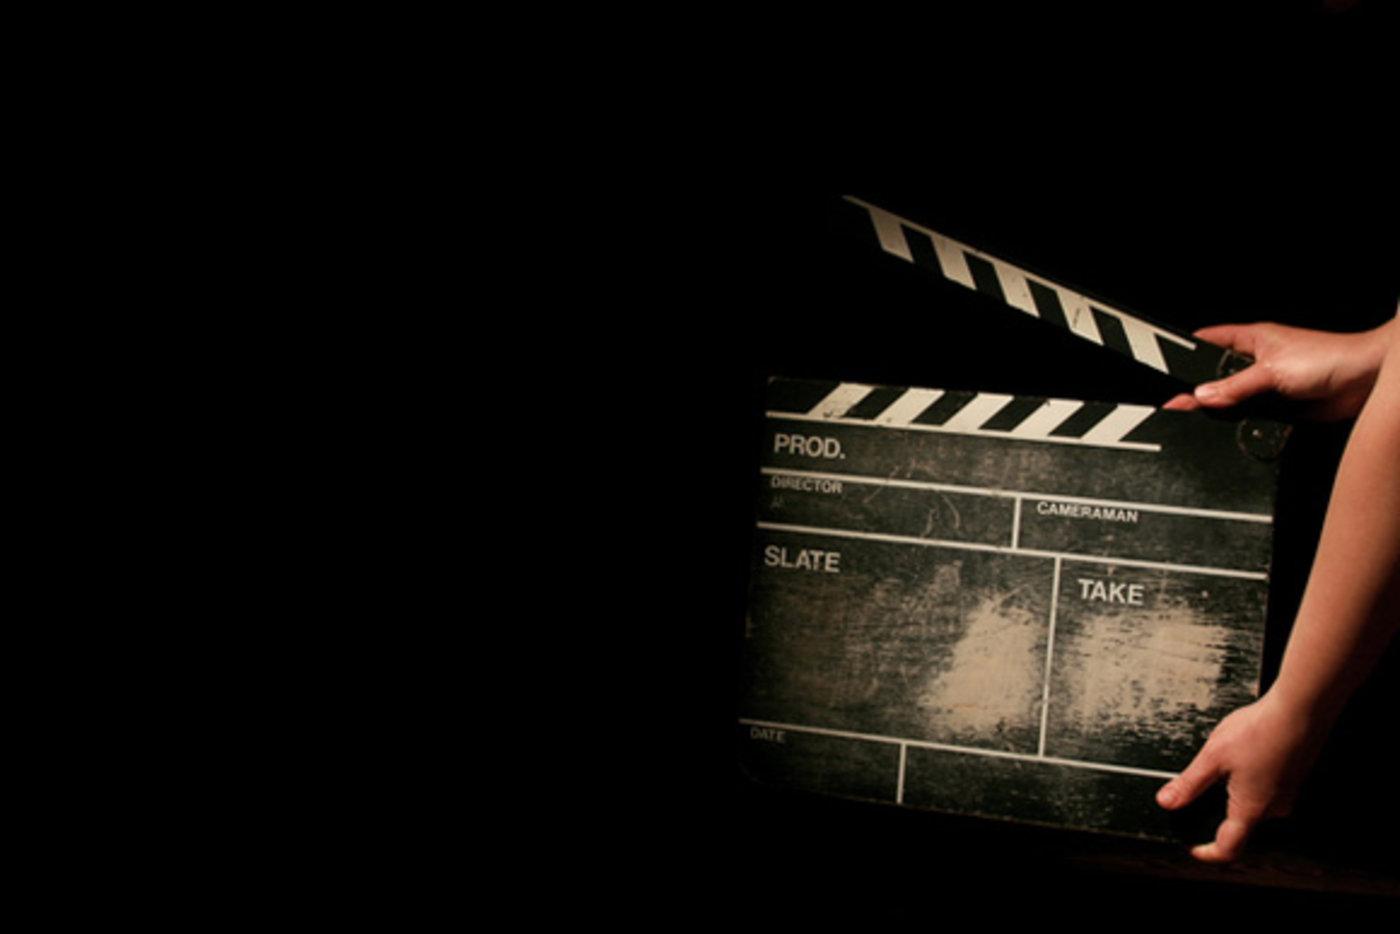 人人都能写电影